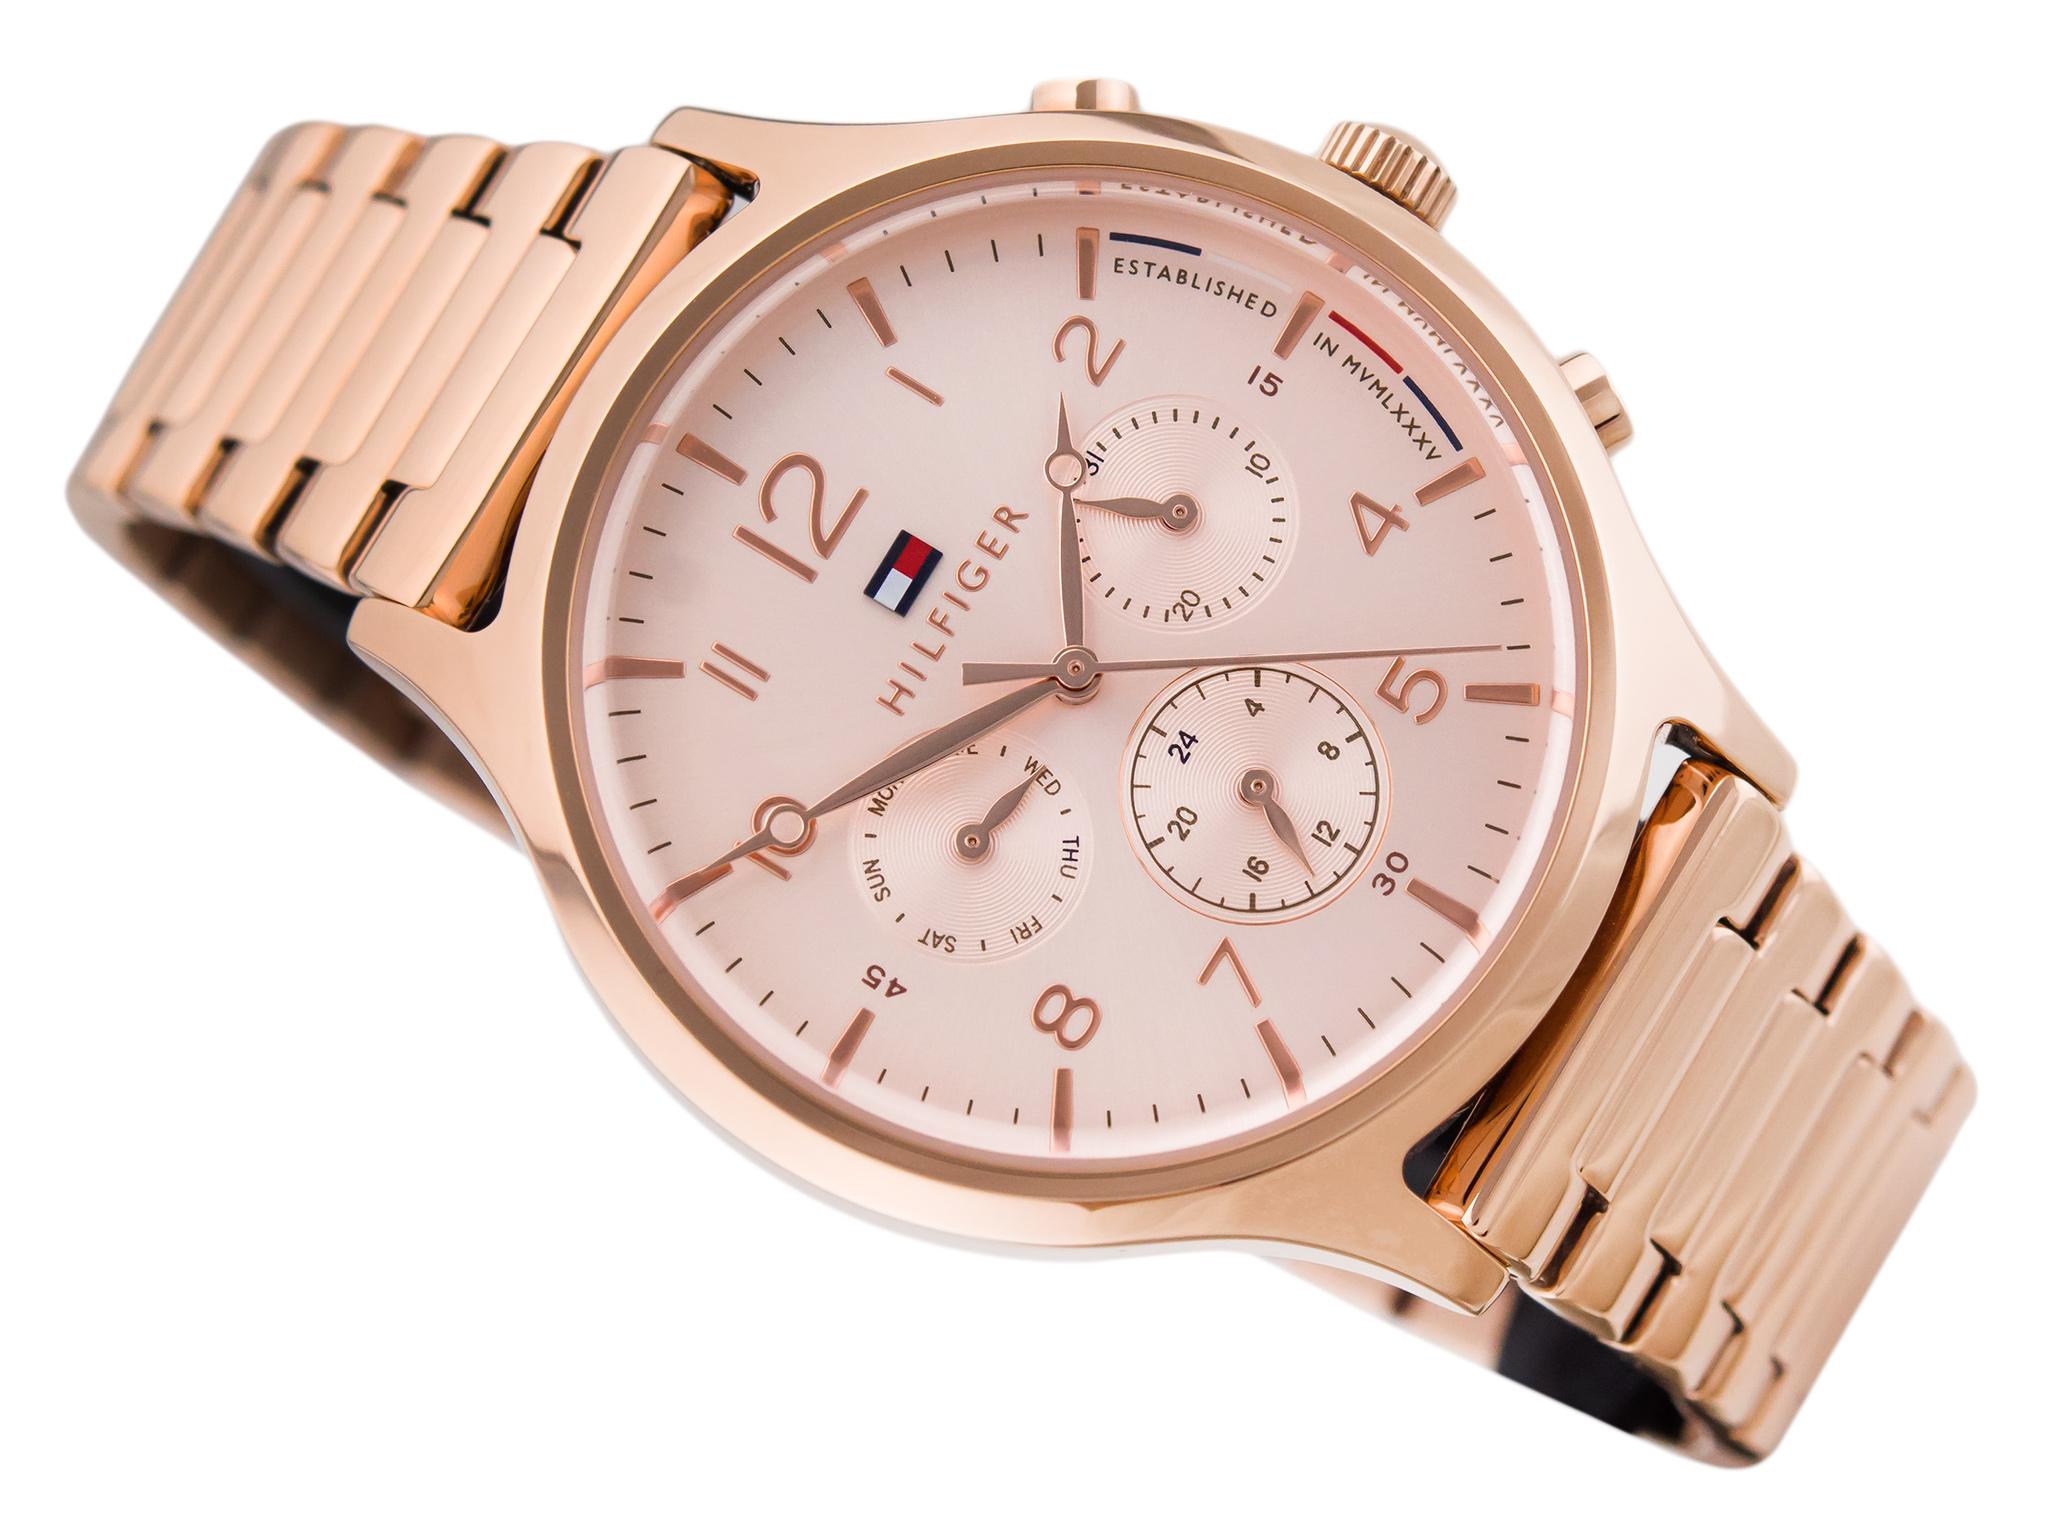 58a11edb500fa zegarek damskie w kategorii Damskie Tommy Hilfiger w Oficjalnym Archiwum  Allegro - archiwum ofert